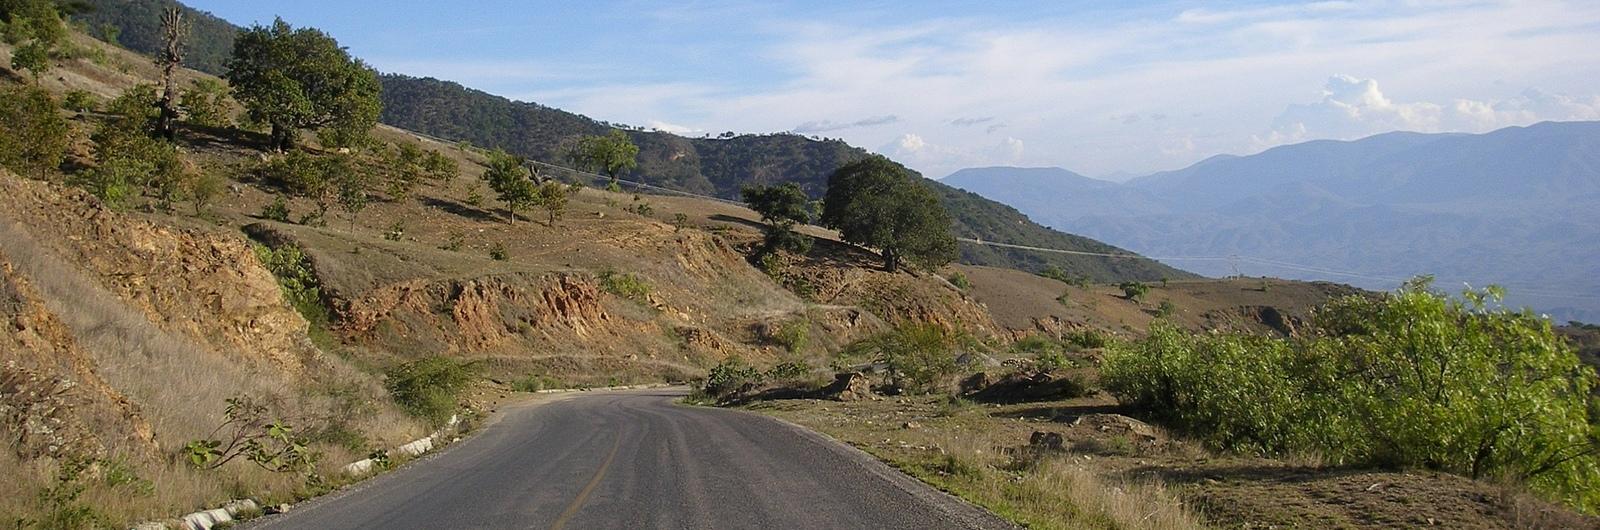 city header mexico road hill